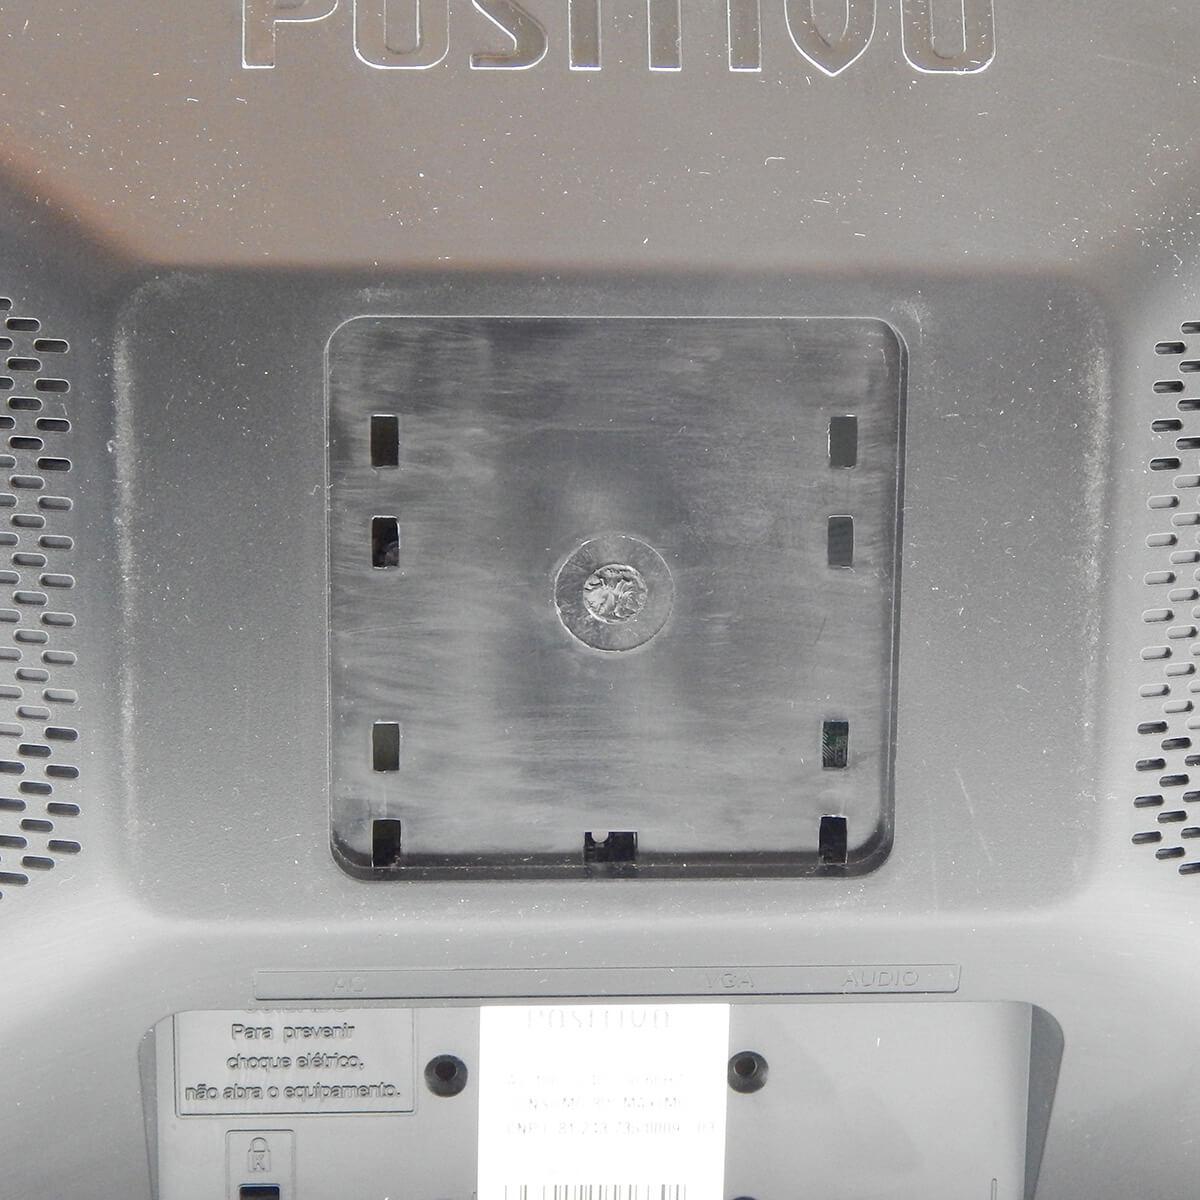 """Monitor Led 15,6"""" Positivo c/ Áudio Integrado USADO s/ Embalagem c/ Pequenos Riscos"""